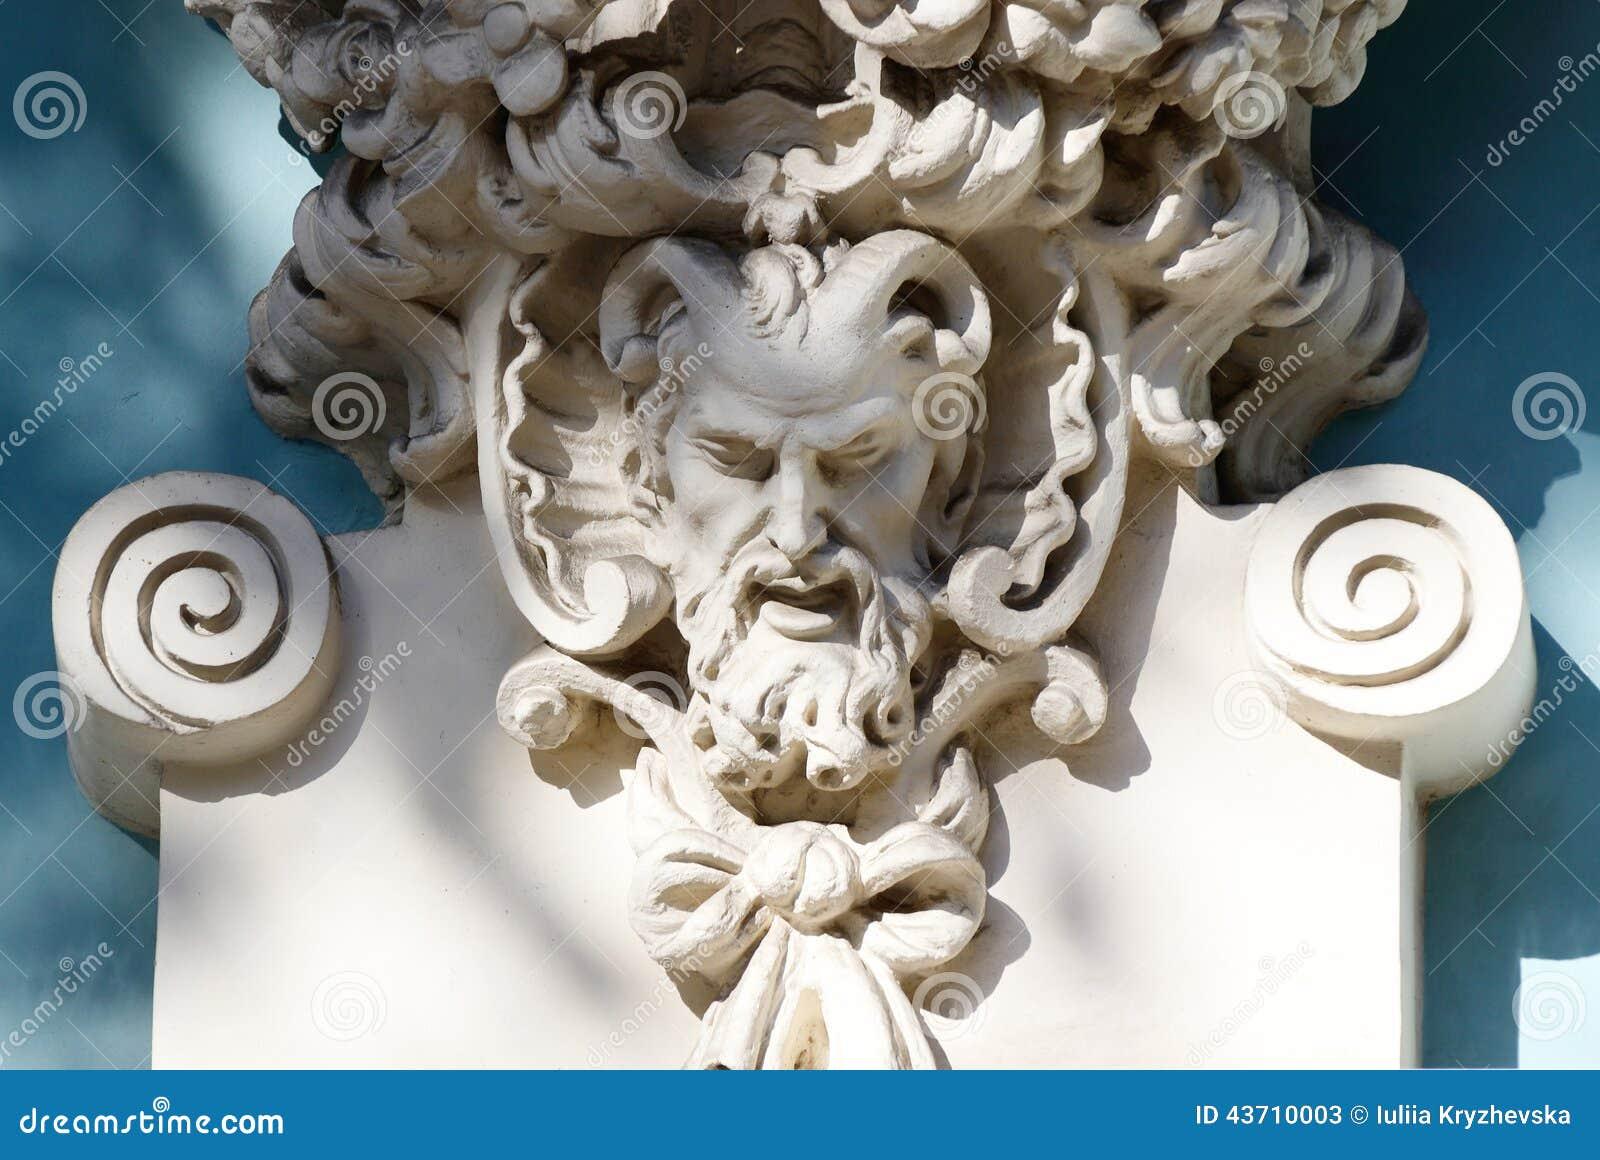 Gehoornd hoofd van sater oude huisdecoratie griekse mythologie stock foto afbeelding 43710003 - Oude huisdecoratie ...